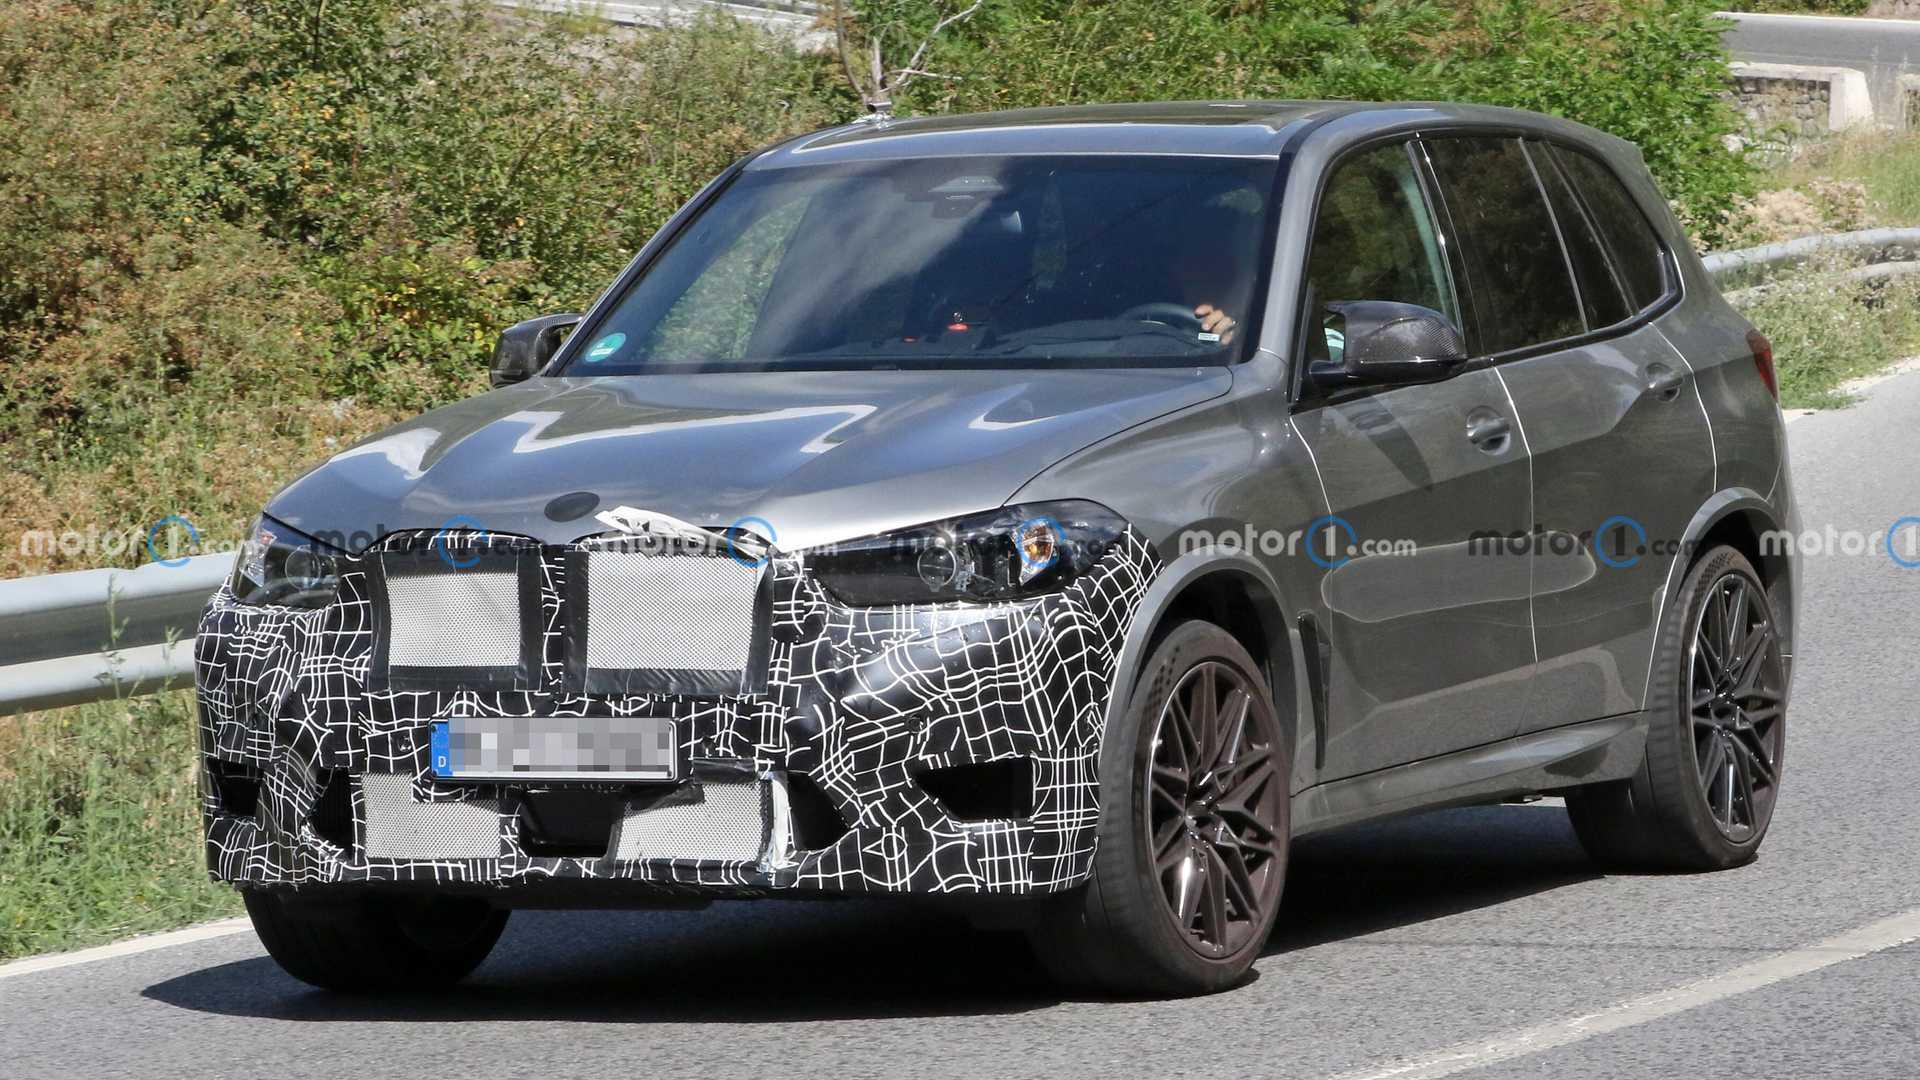 Beredar Spy Shot, BMW Akan Segera Luncurkan Versi Facelift Seri X5?